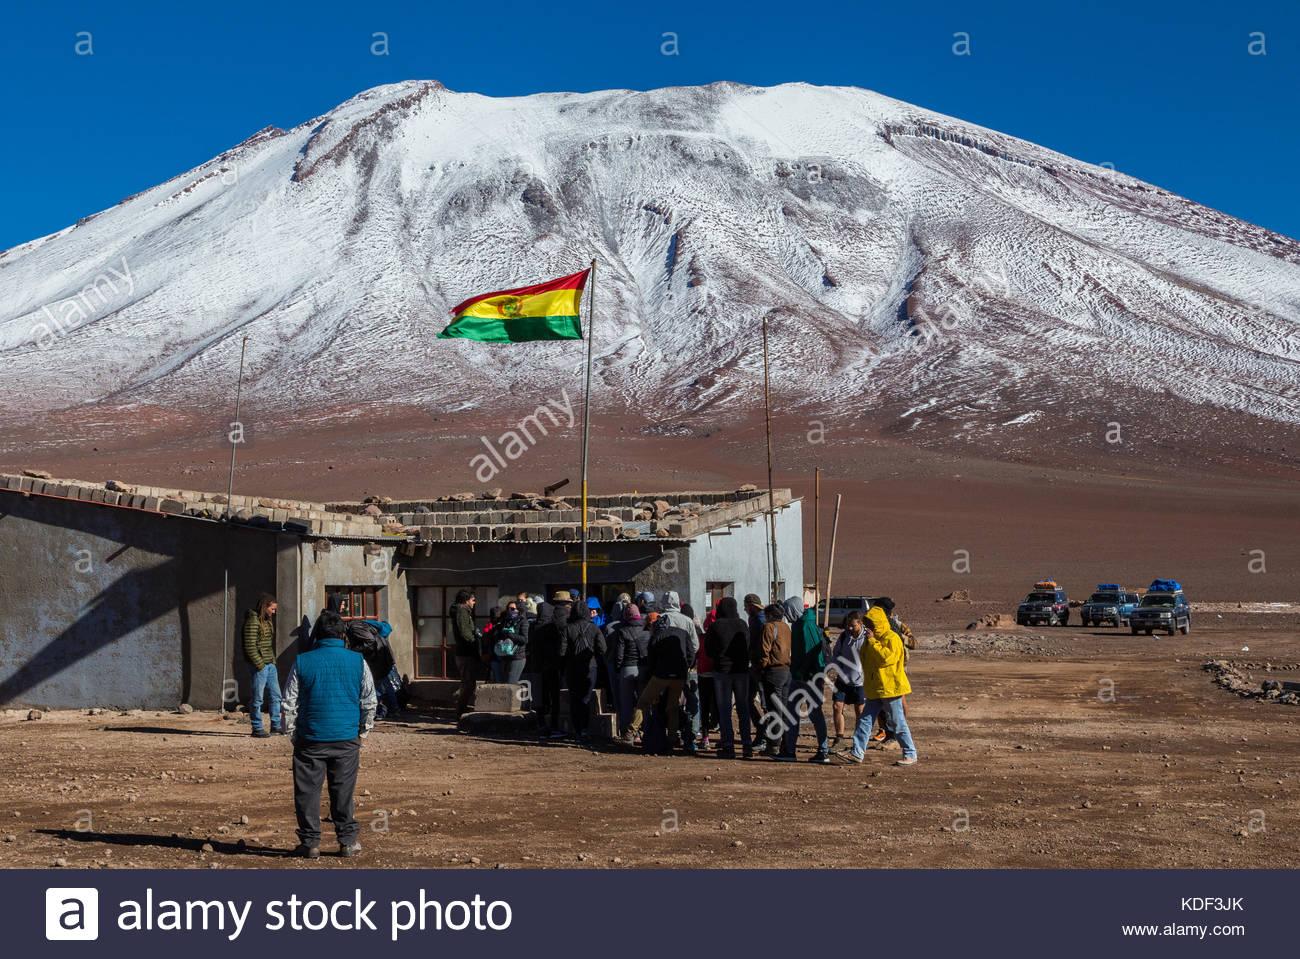 Border Bolivia Cile, accanto al Vulcano Juriques Immagini Stock